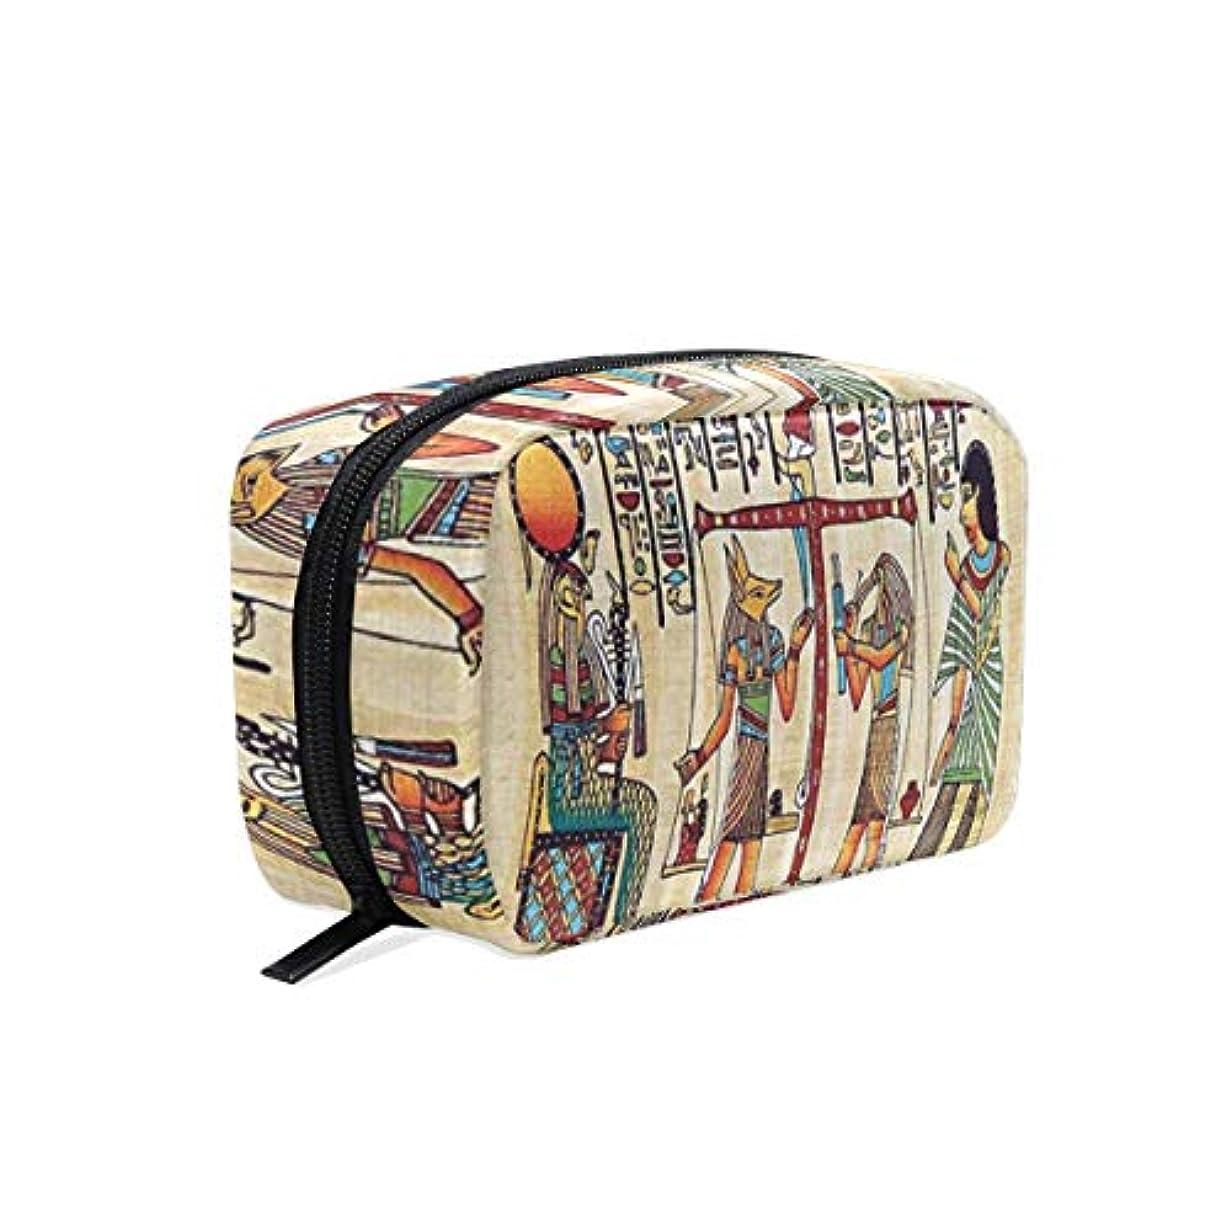 笑耐久ハイキングCW-Story エジプト装飾 女性の化粧ポーチ コスメケース 旅行 化粧品 収納 雑貨 小物入れ 出張用バック 超軽量 機能的 大容量